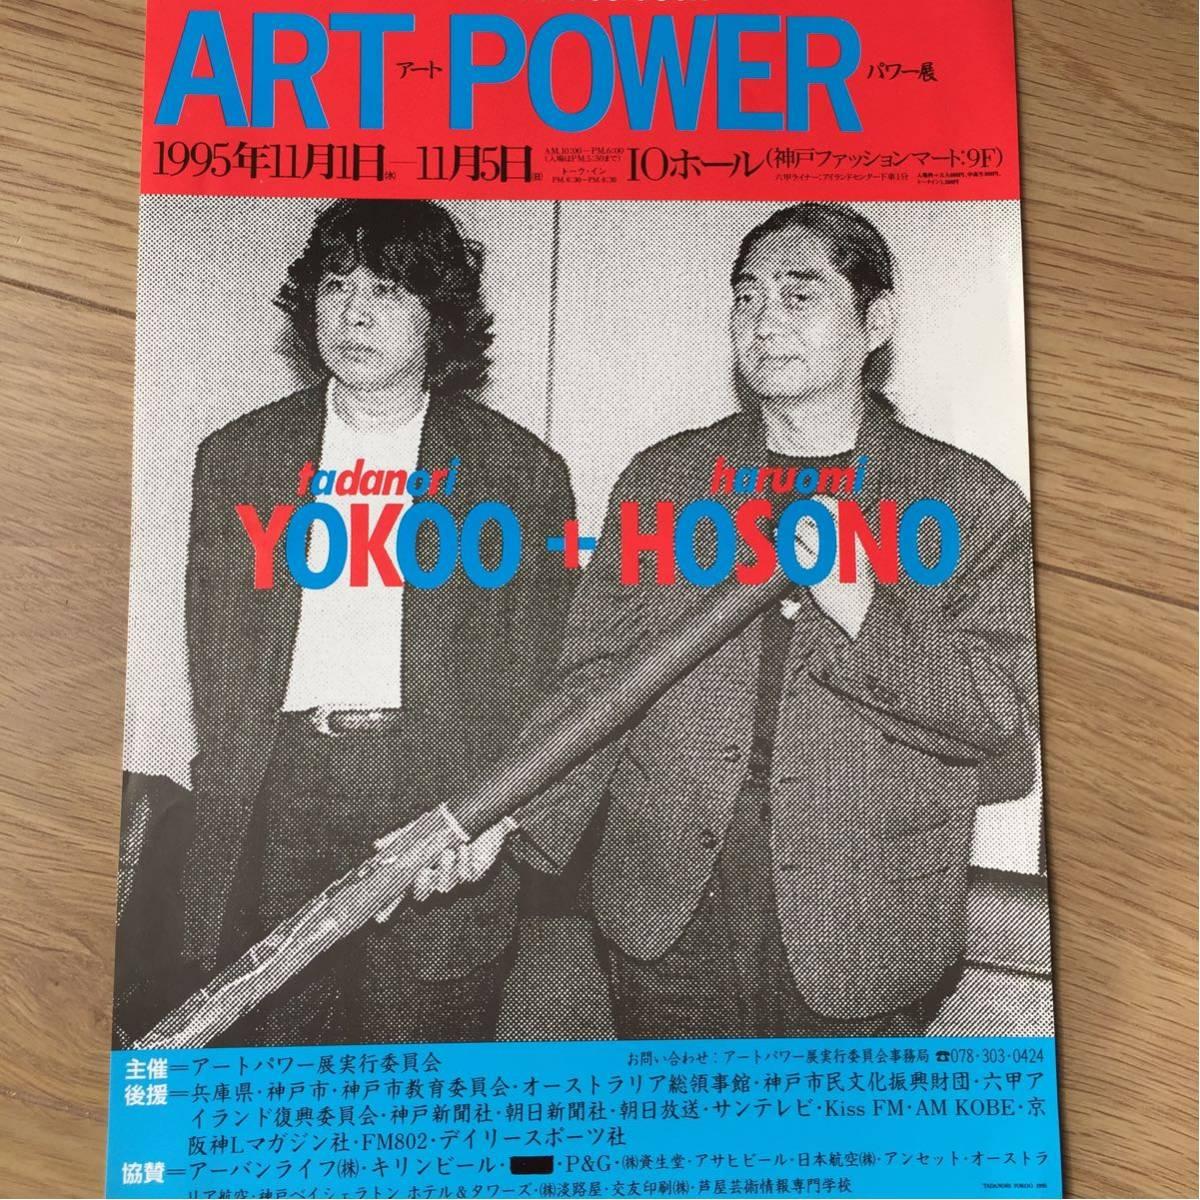 横尾忠則 & 細野晴臣 アートパワー展 フライヤー チラシ 1995年